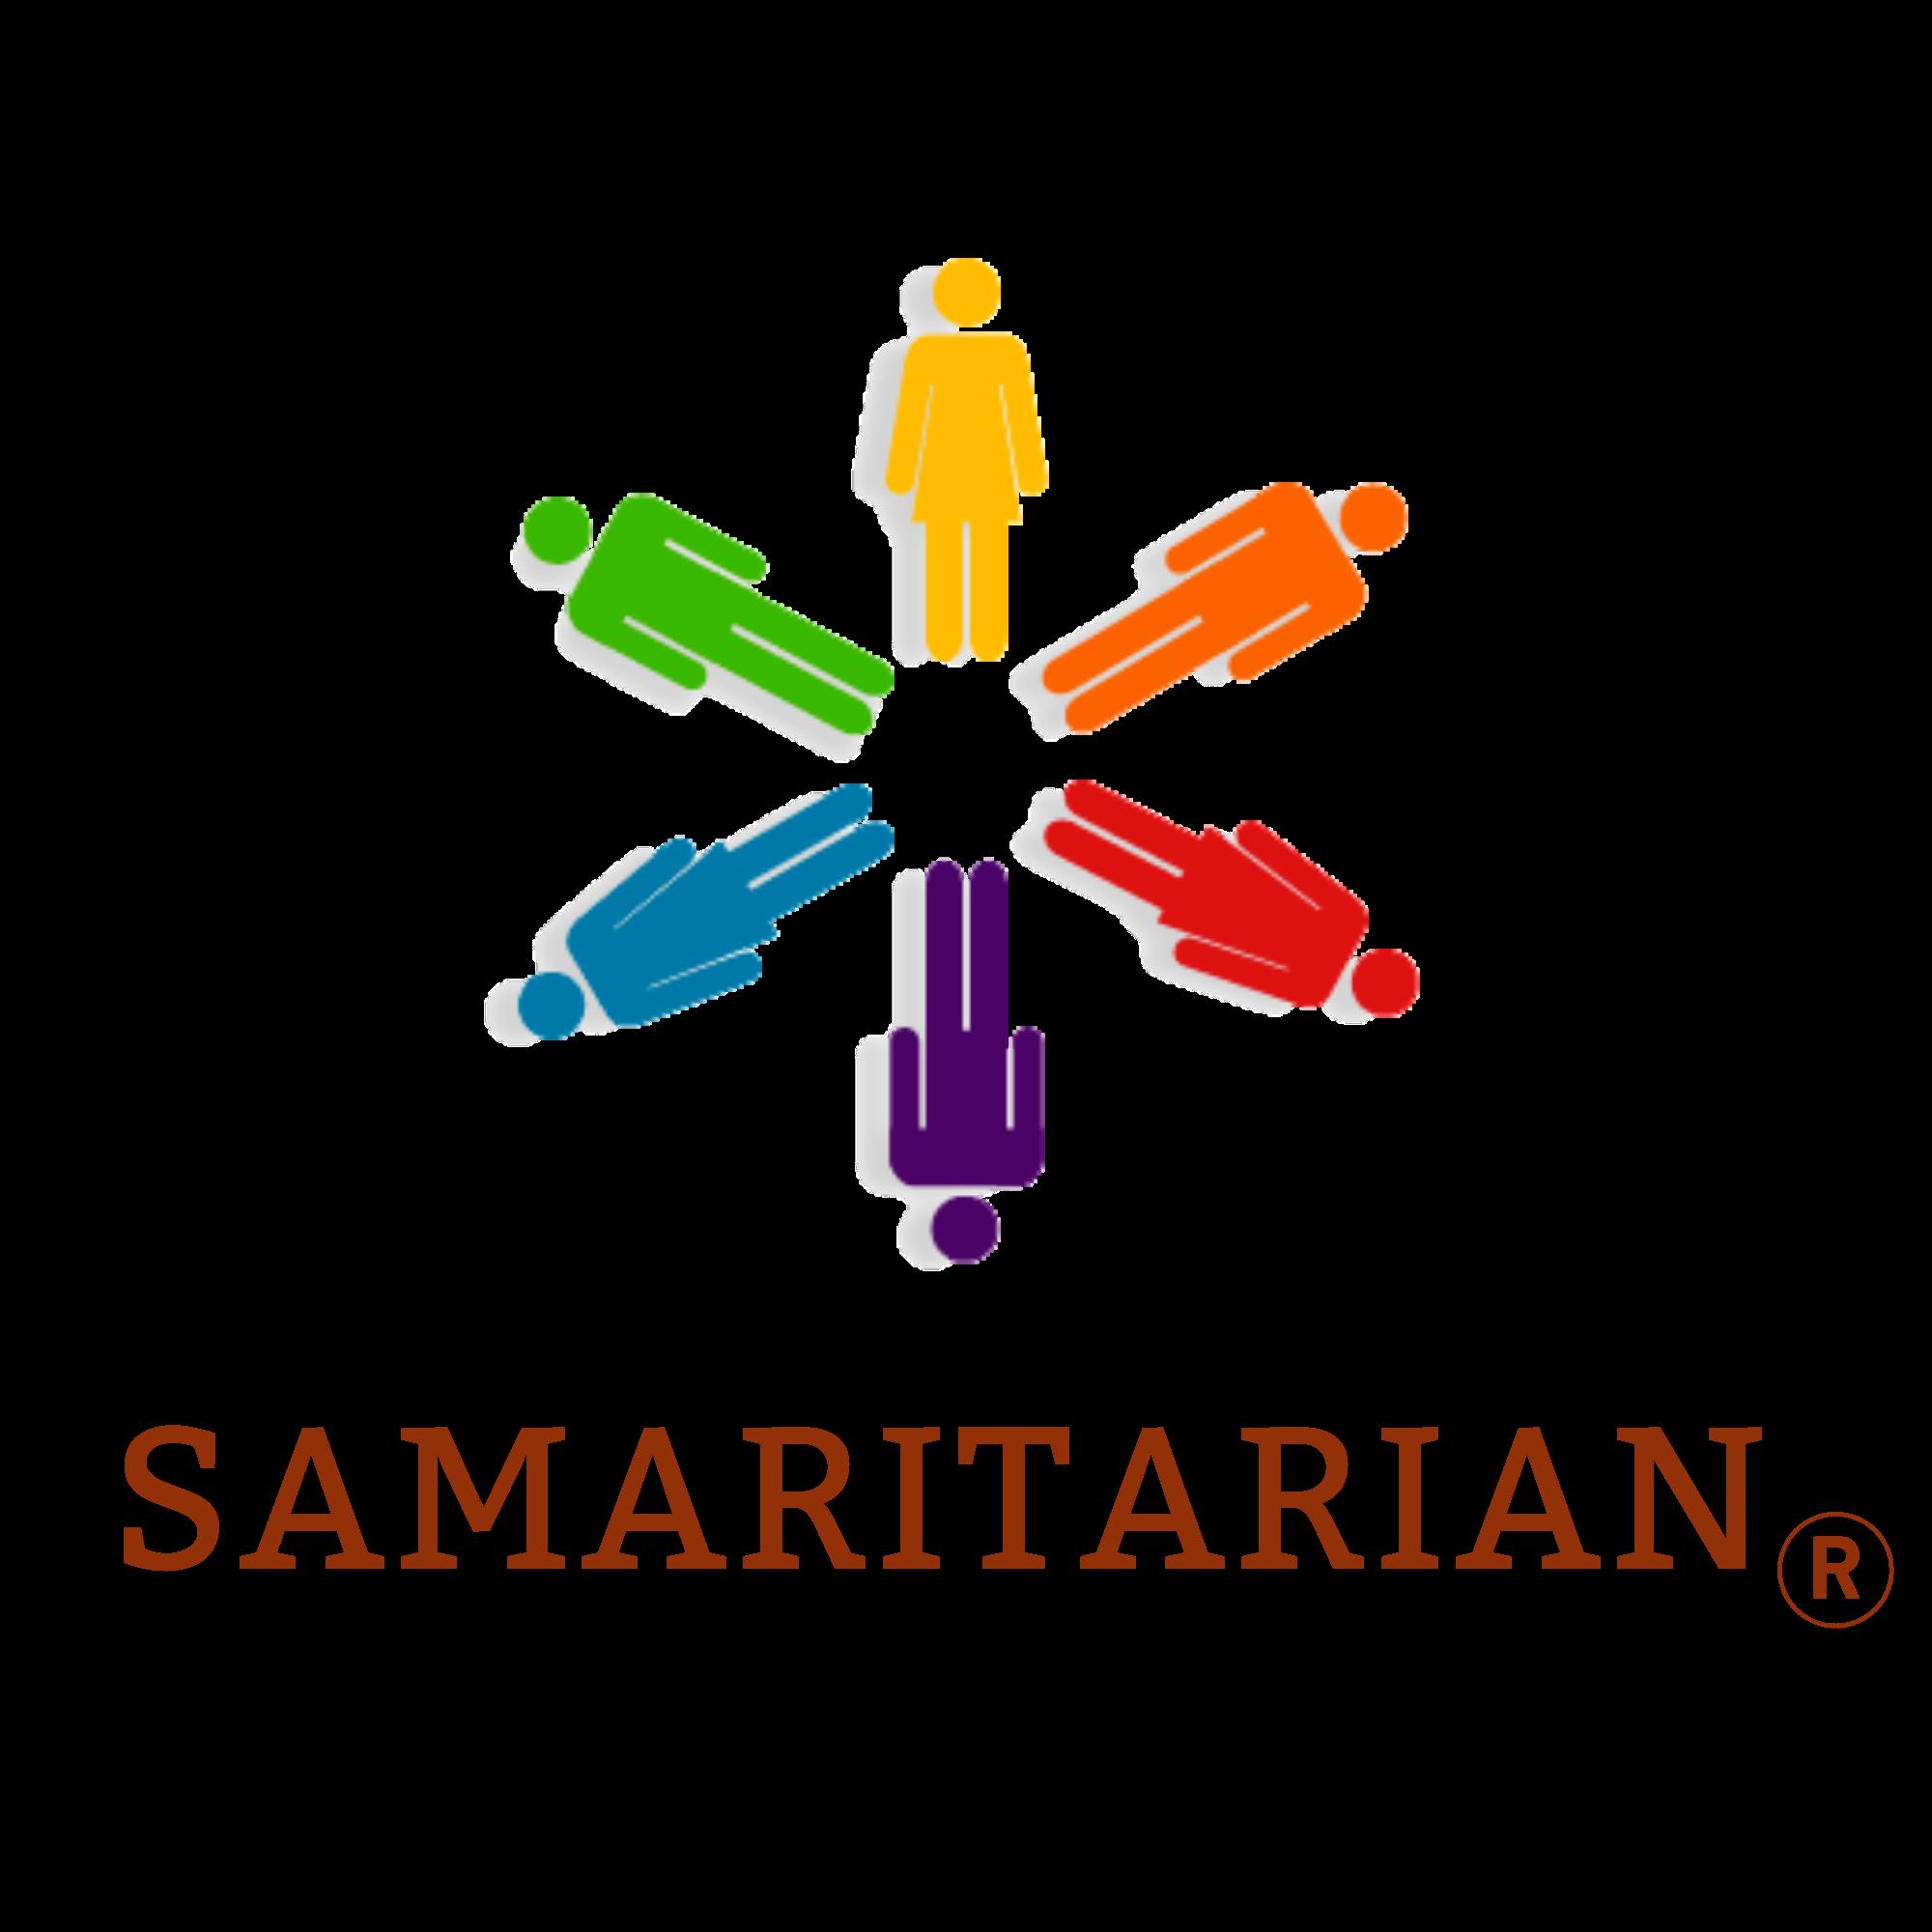 samaritarian